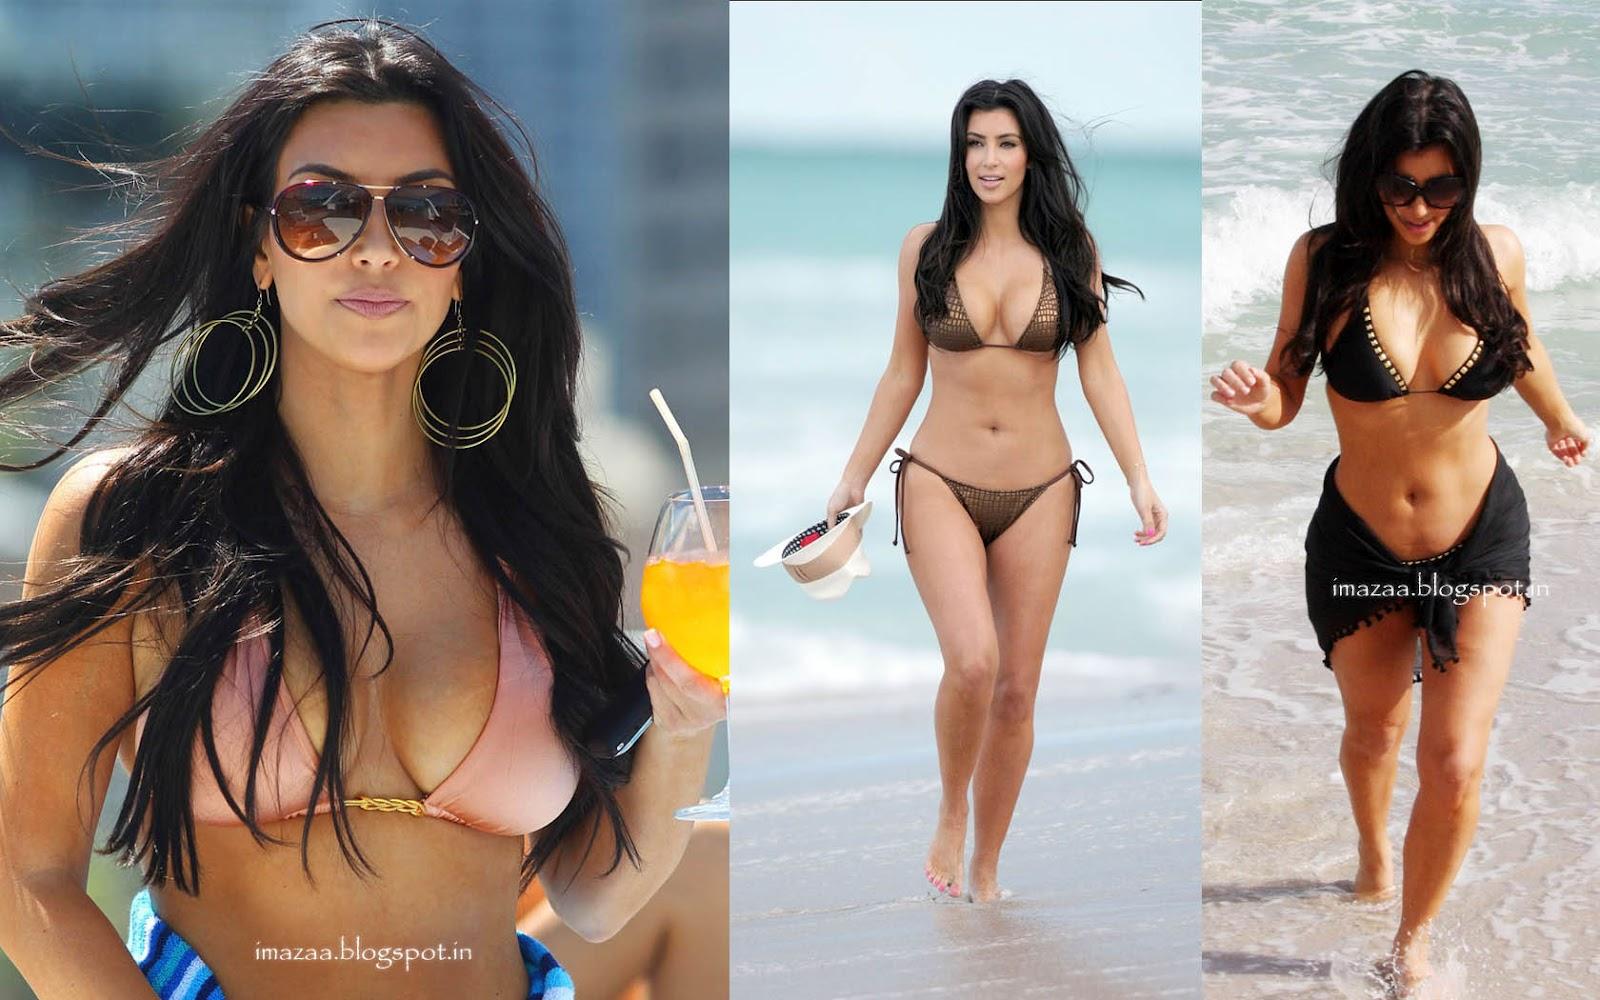 http://4.bp.blogspot.com/-l24BSOfoeXA/UBbYClpo45I/AAAAAAAAA48/3VWbyr4Dh7o/s1600/kim-kardashian-imazaa+(4).jpg